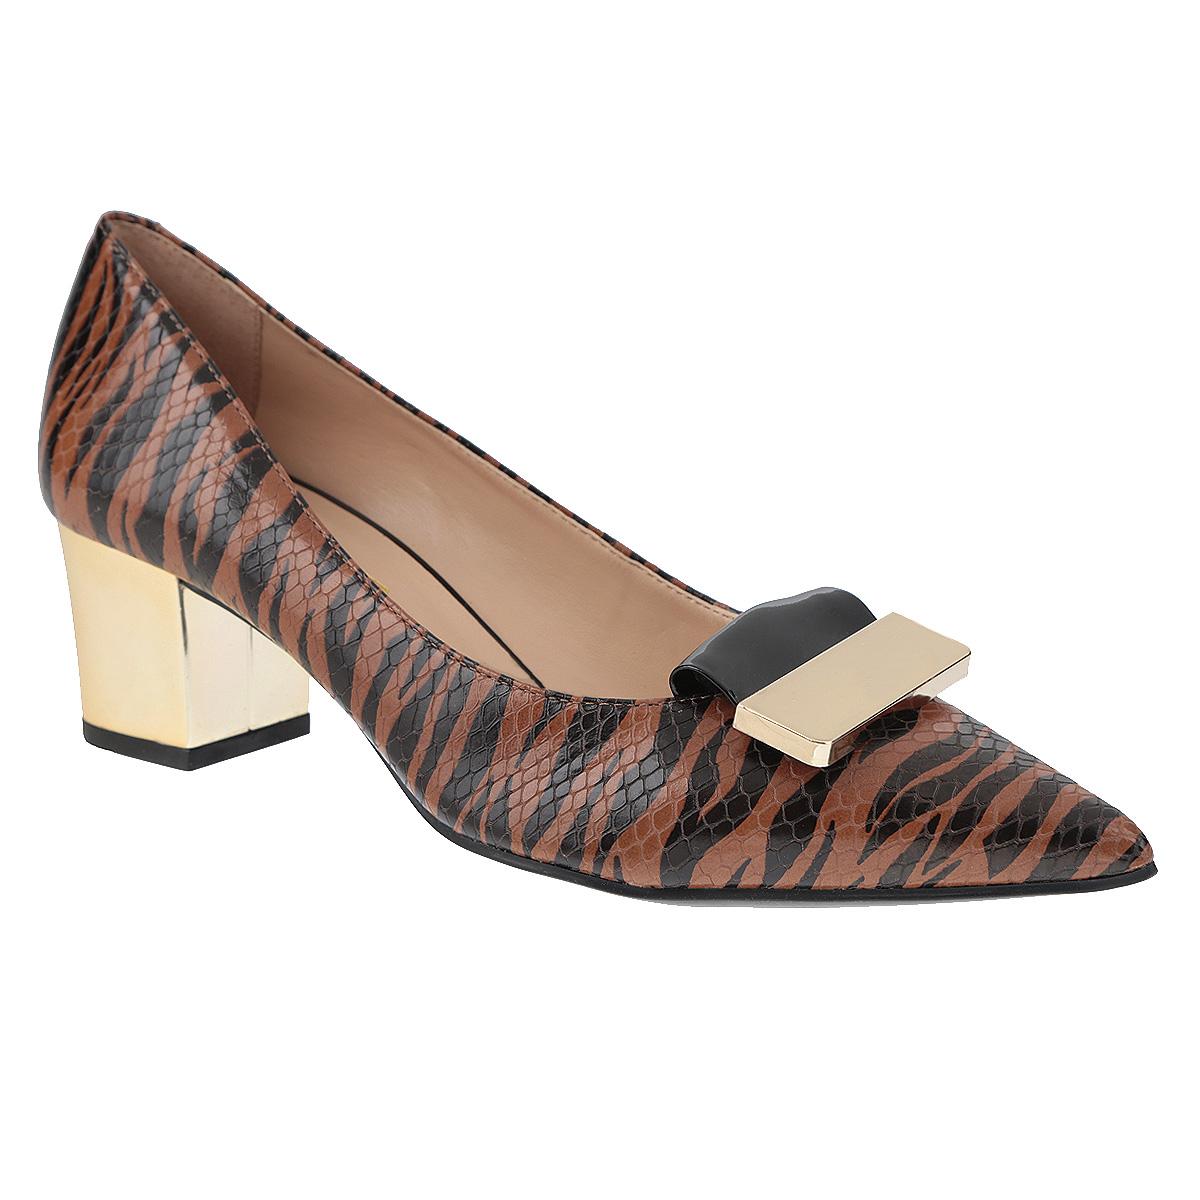 Туфли3474421Женские туфли на каблуке от Tabita прекрасно подчеркнут ваш стиль. Верх модели выполнен из натуральной кожи и оформлен звериным принтом. Декорирована модель вставкой из лакированной кожи и пластиной с металлическим блеском. Внутренняя часть и стелька из натуральной кожи гарантируют комфорт и удобство при ходьбе. Устойчивый широкий каблук, стилизованный под металлический, подарит комфорт и уверенность при ходьбе. Подошва выполнена из прочного полимера с противоскользящим рифлением. Такие туфли станут прекрасным дополнением вашего гардероба. Они сделают вас ярче и подчеркнут вашу индивидуальность!